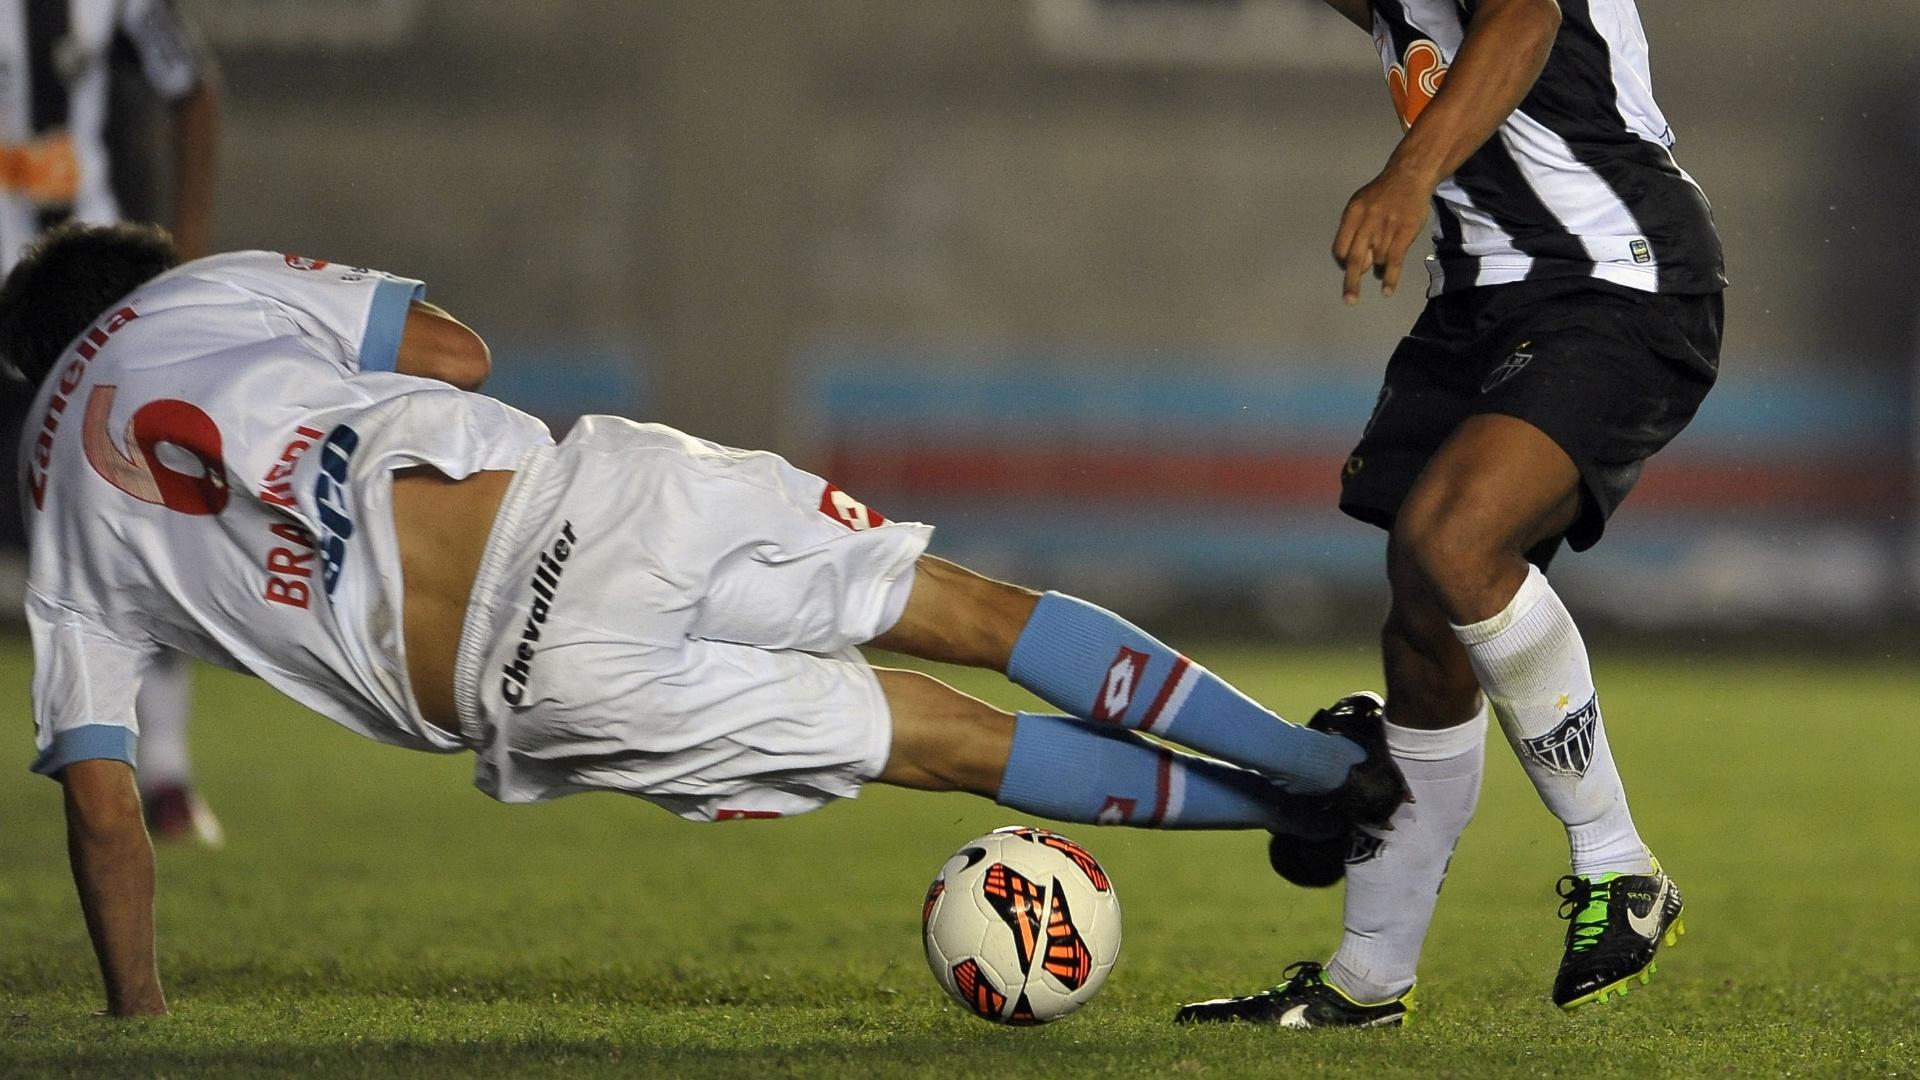 26.fev.2013 - Diego Braghieri comete pênalti em Ronaldinho Gaúcho na vitória de 5 a 2 do Atlético-MG sobre o Arsenal na Libertadores